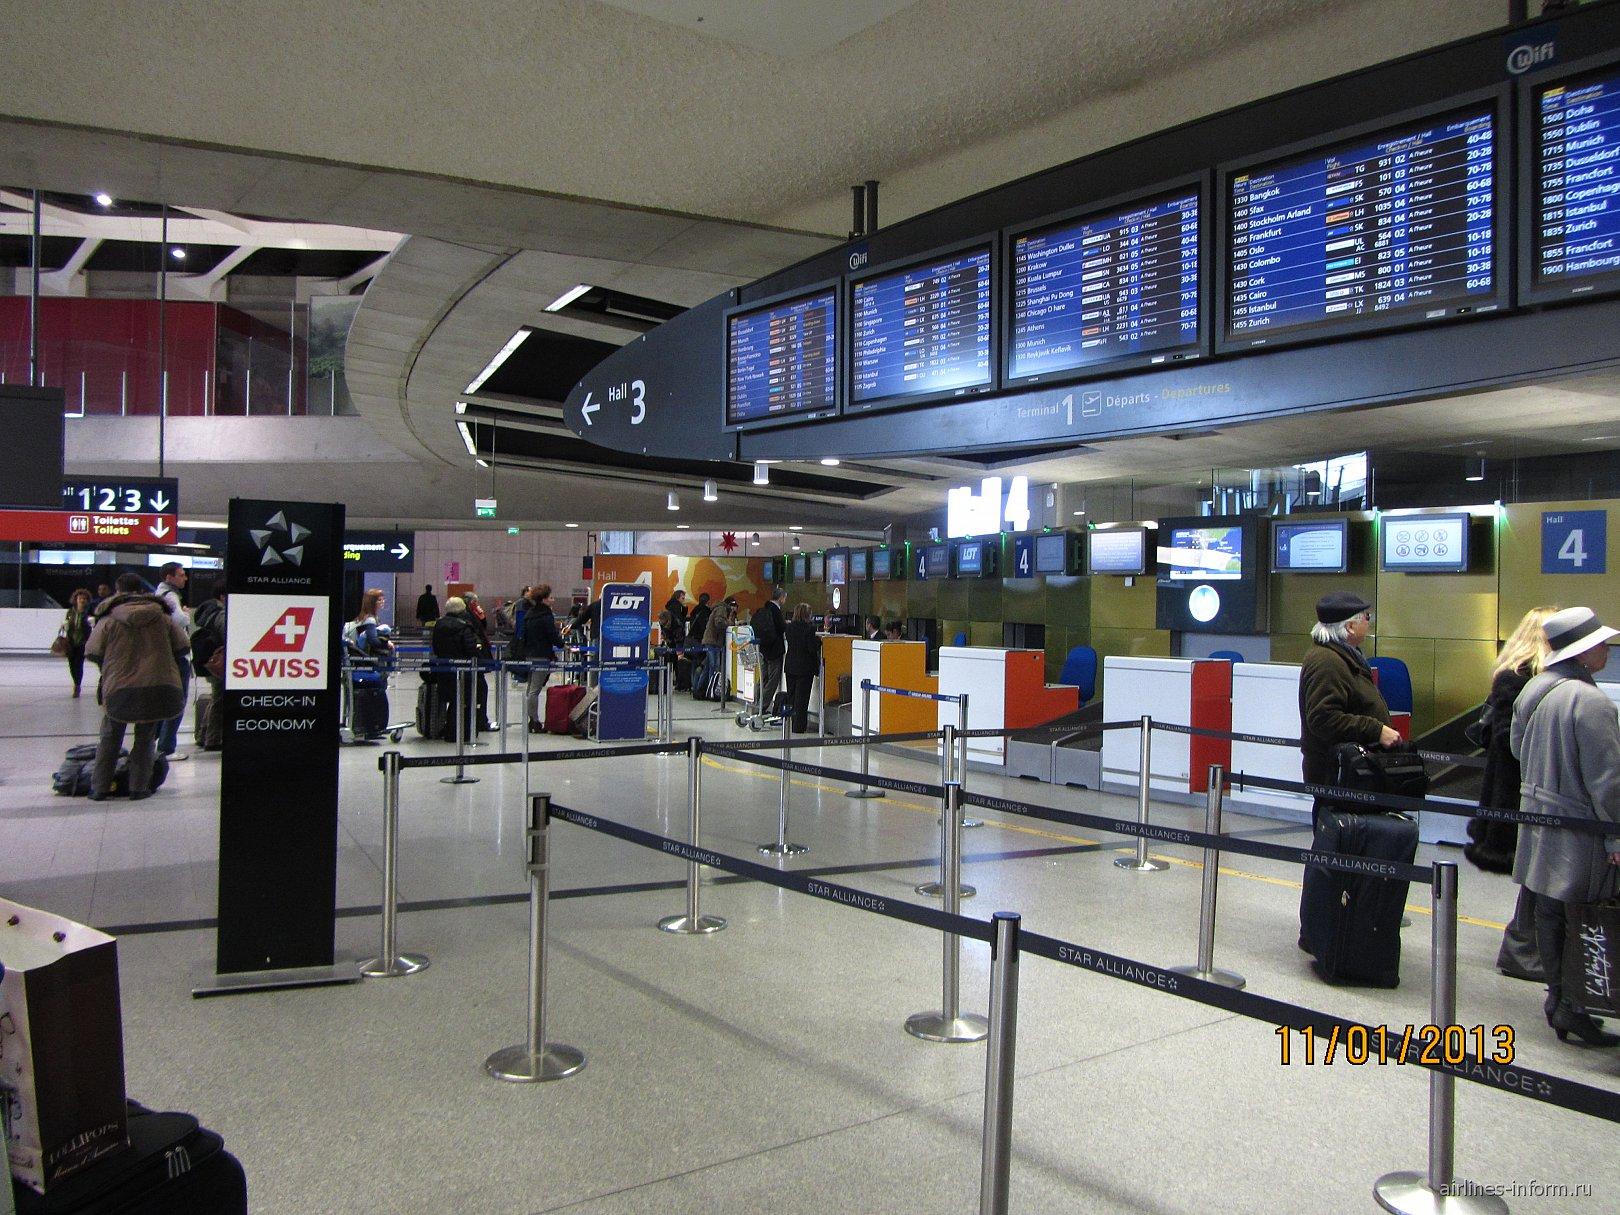 Стойки регистрации в Терминале 1 аэропорта Париж Шарль-де-Голль